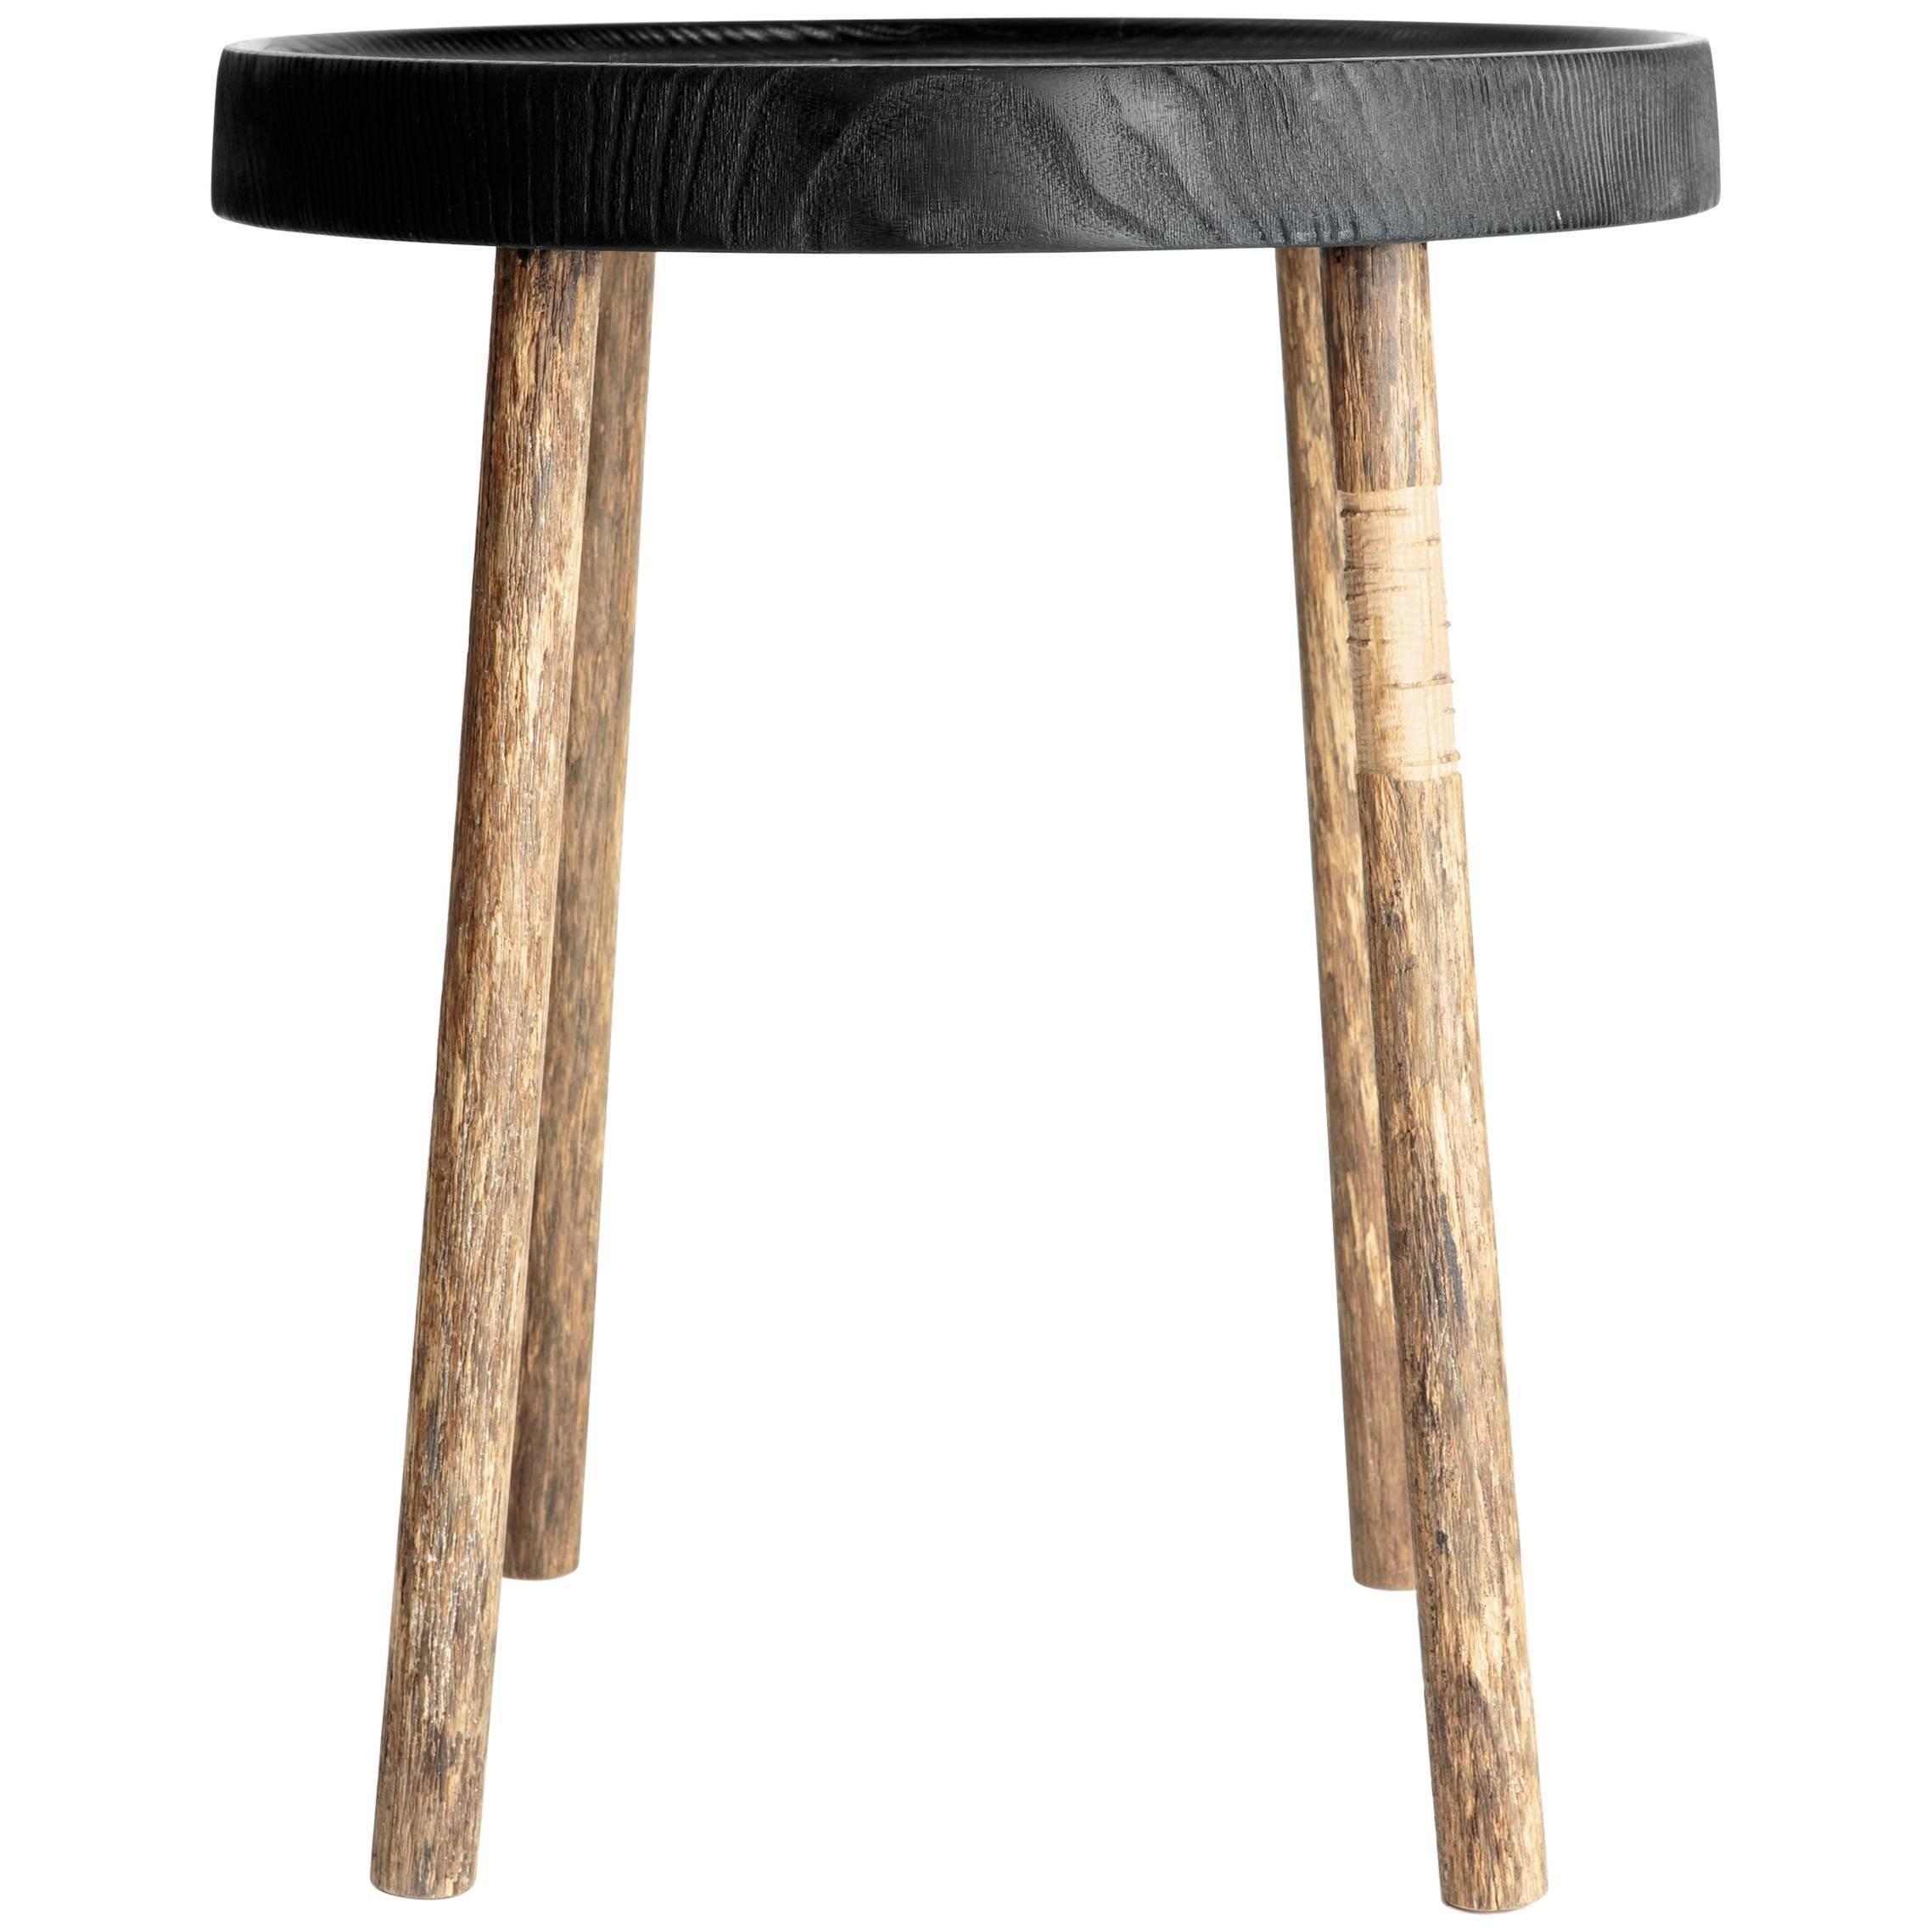 Black Top Hand-Carved Oak Side Table, ERIK GUSTAFSON